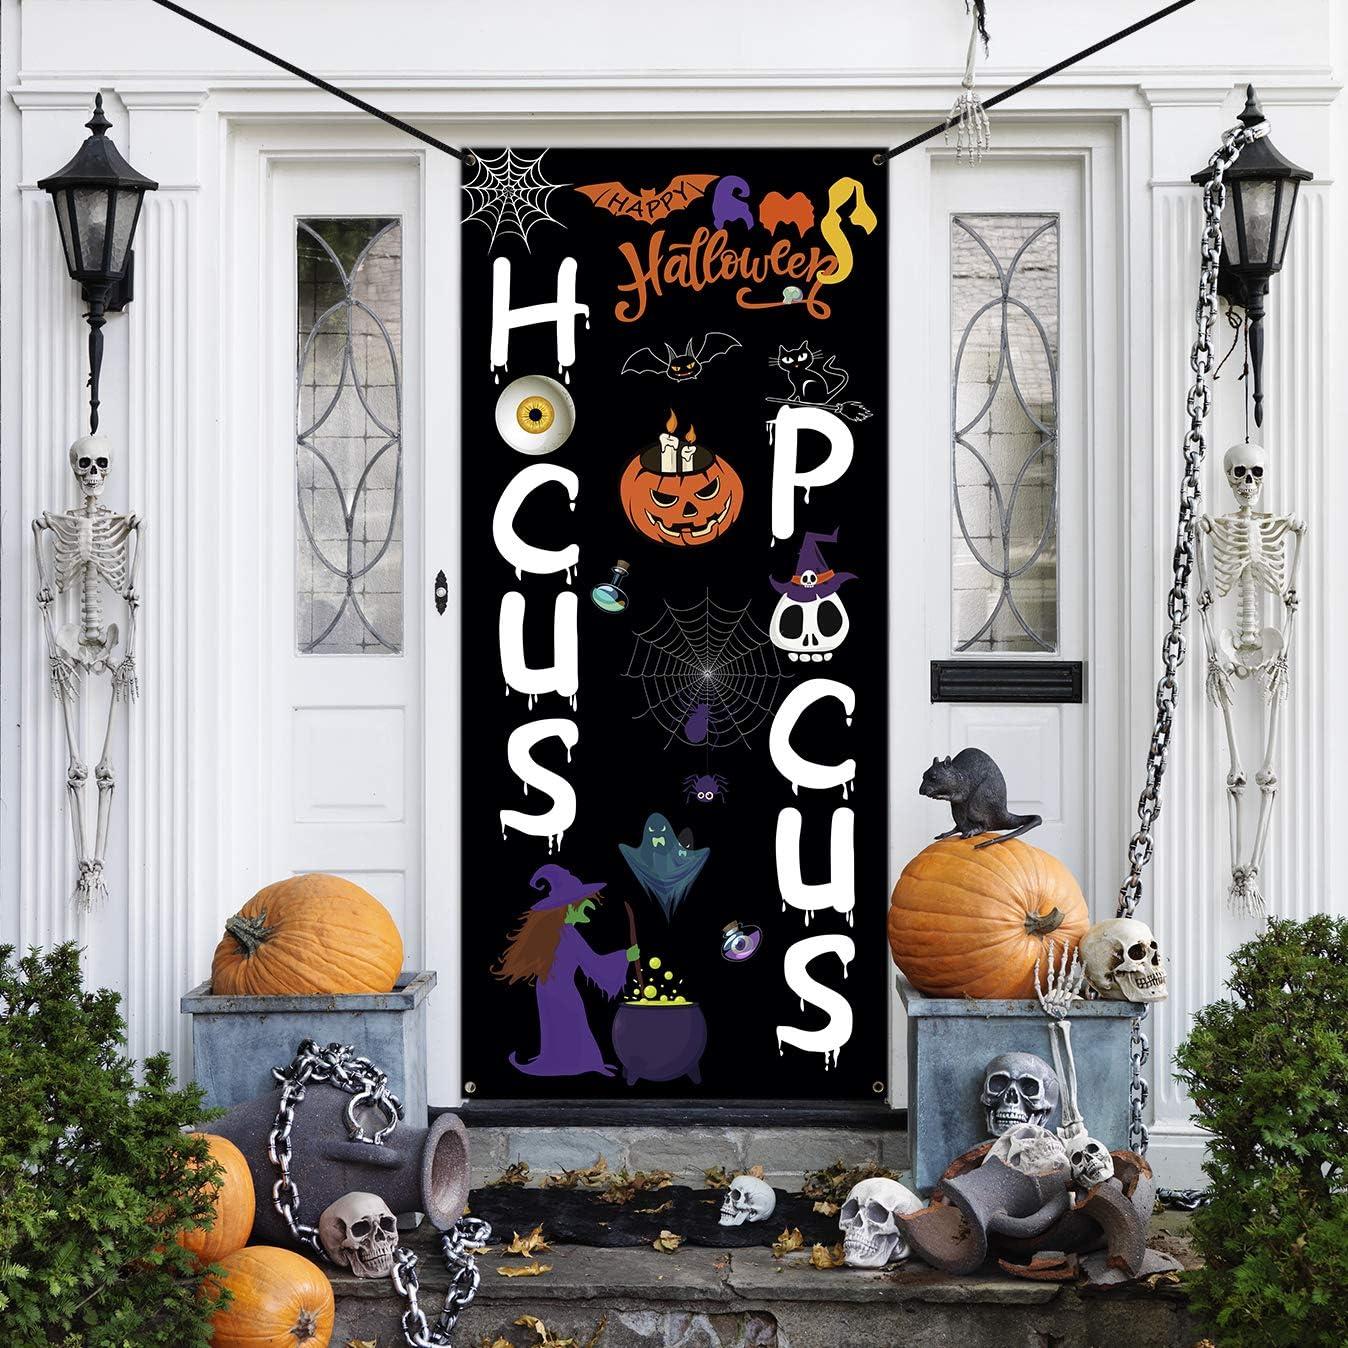 WEBSUN Halloween Door Decorations Hocus Pocus Door Cover, Large Fabric Halloween Party Decorations Sign for Front Door, Porch Decorations, Halloween Party Supplies Indoor Outdoor